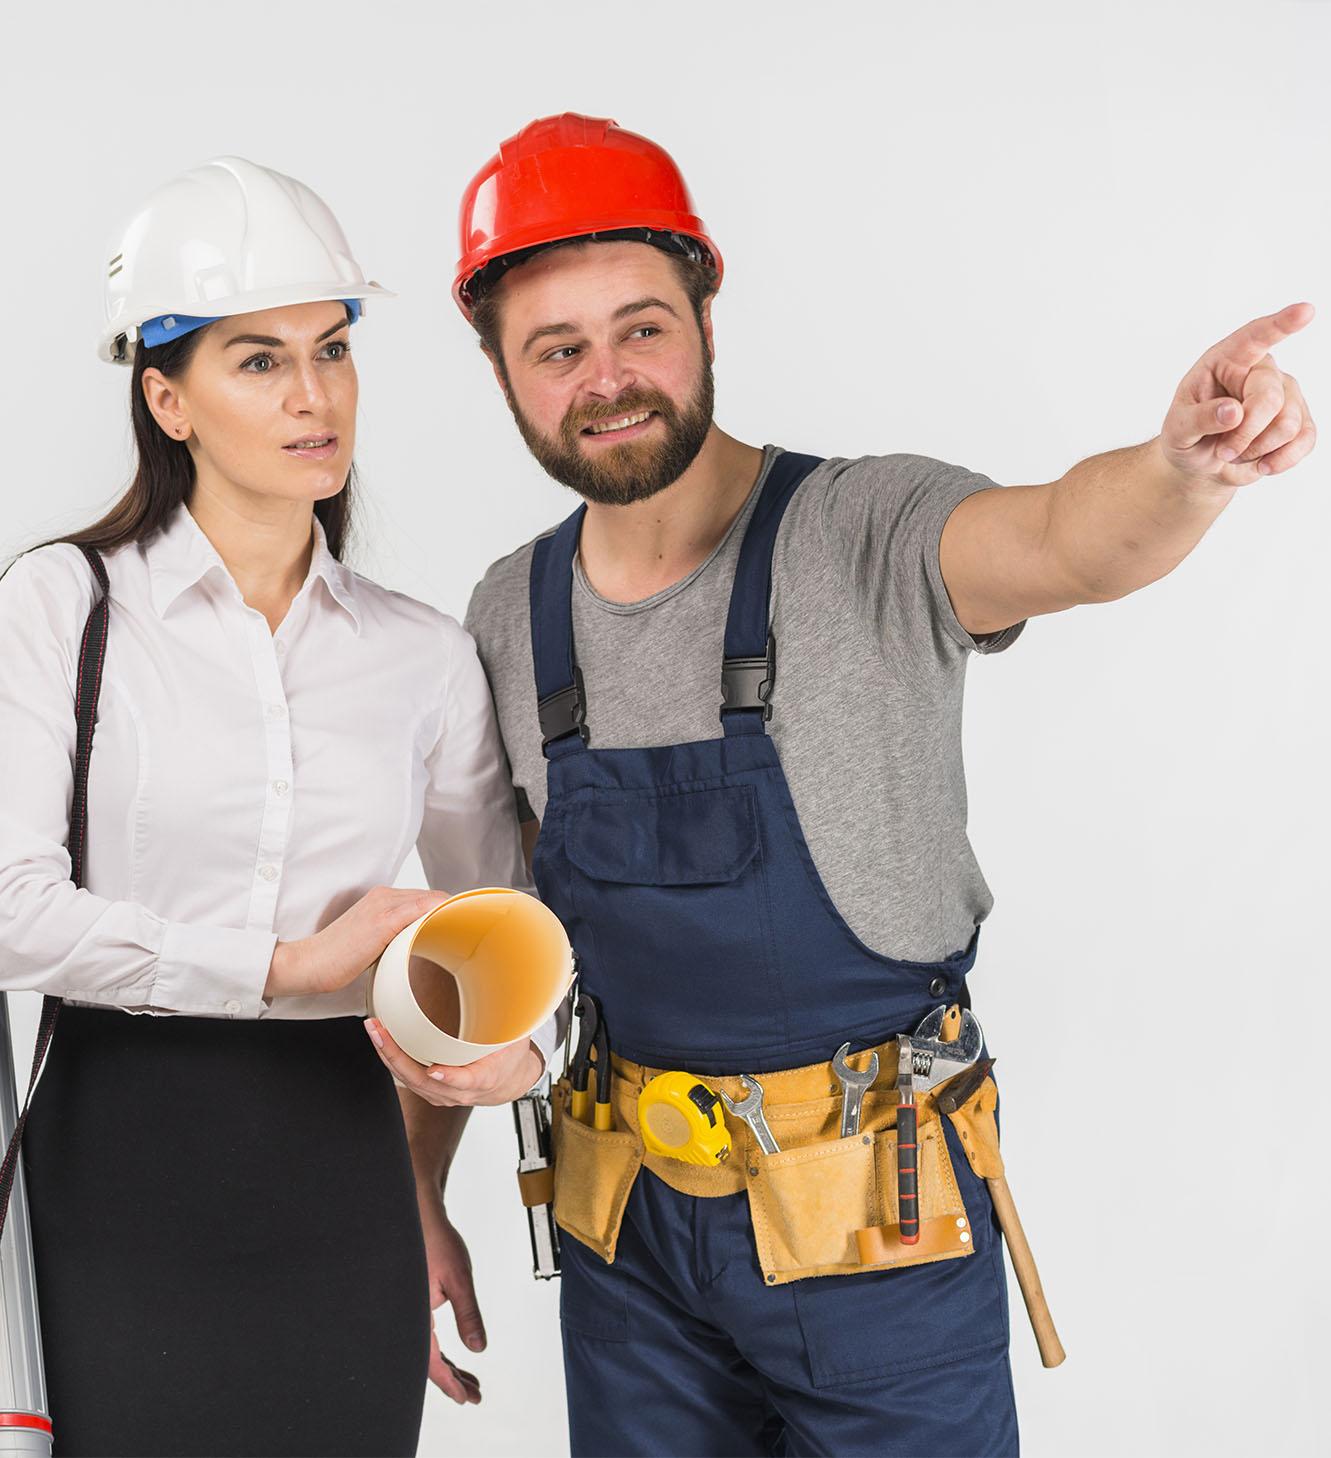 Обучение и проверка знаний требований охраны труда для уполномоченных